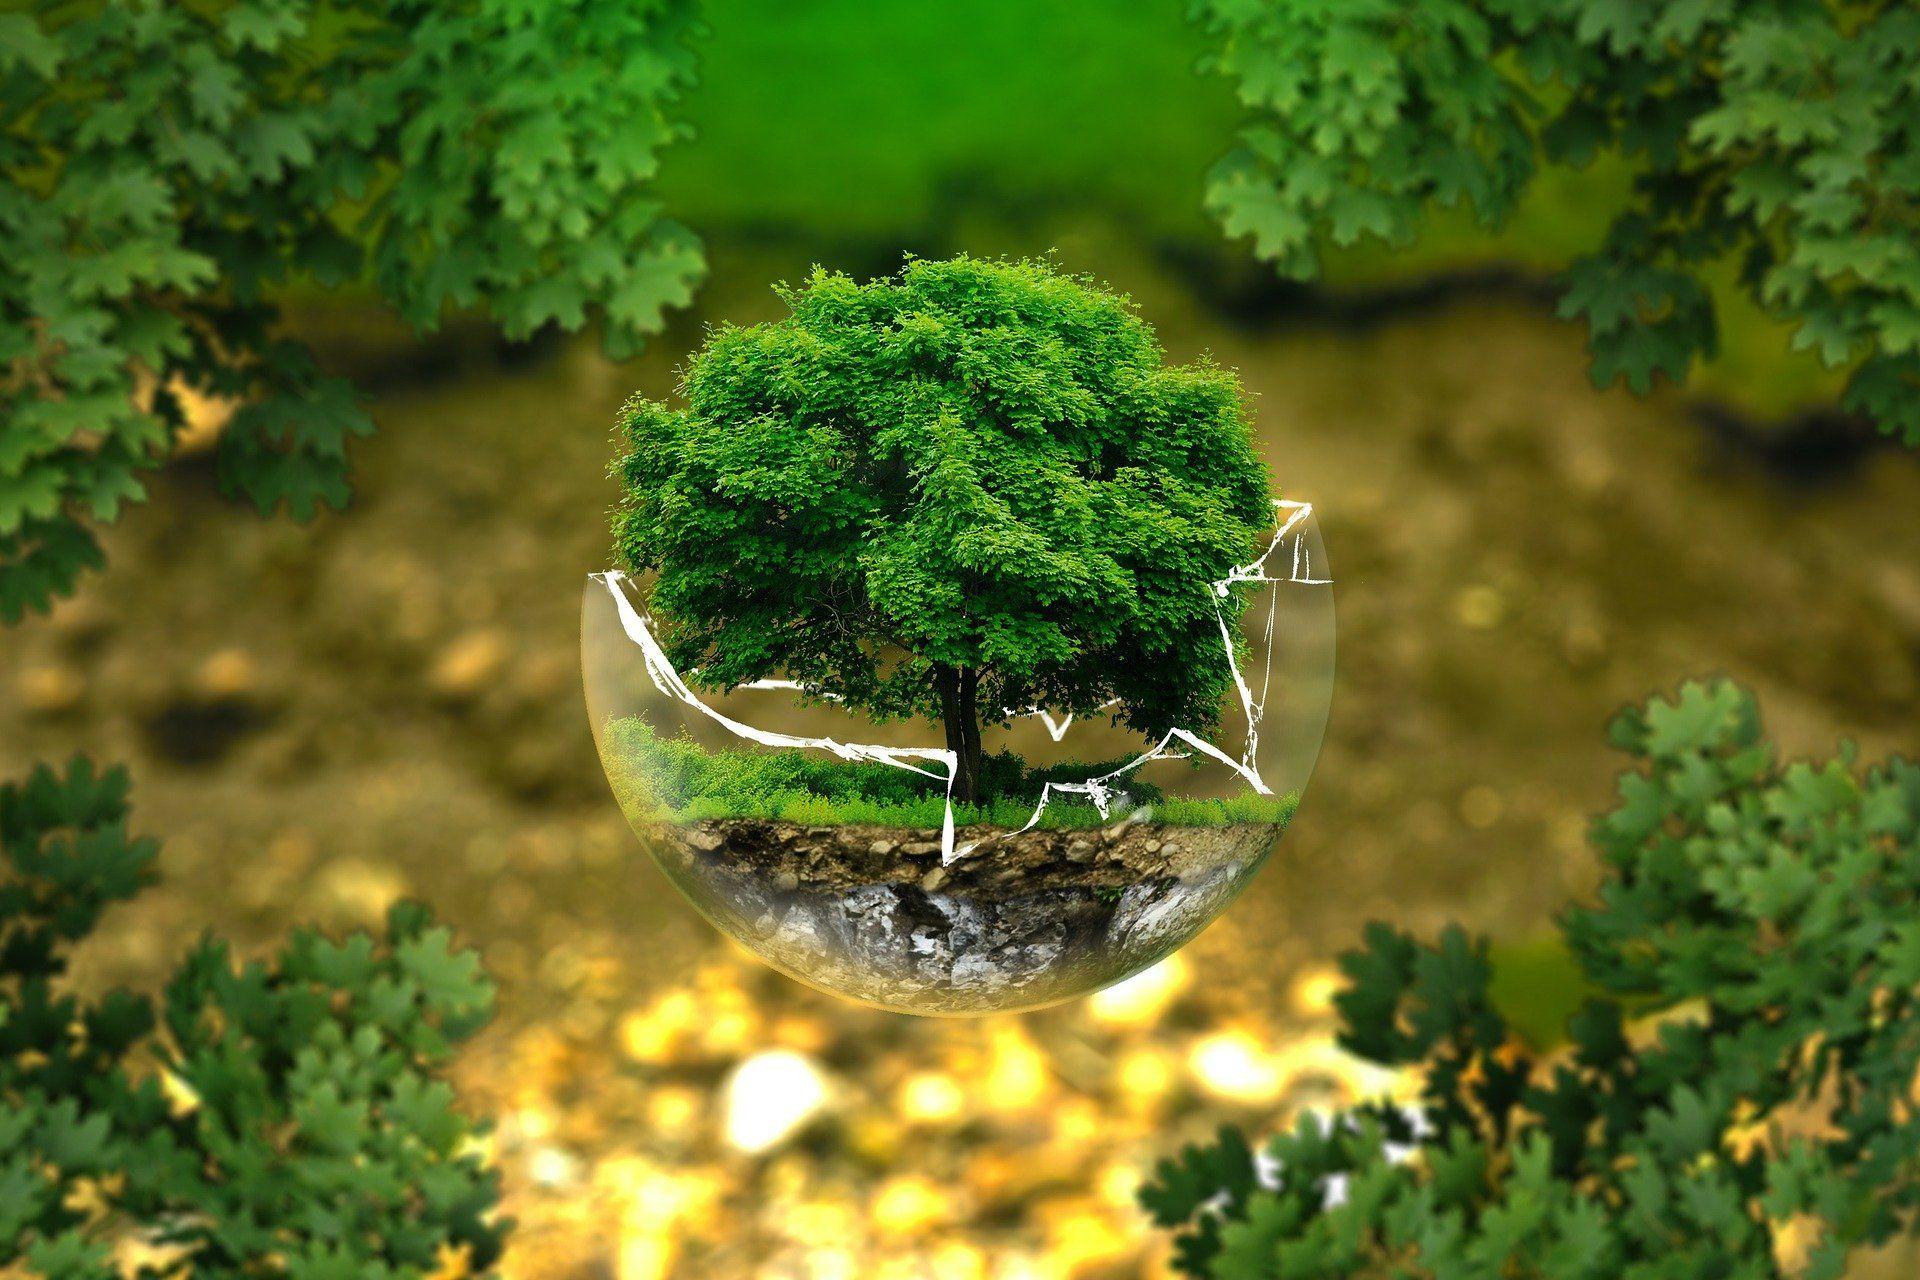 Umweltschutz und Nachhaltigkeit im Fokus